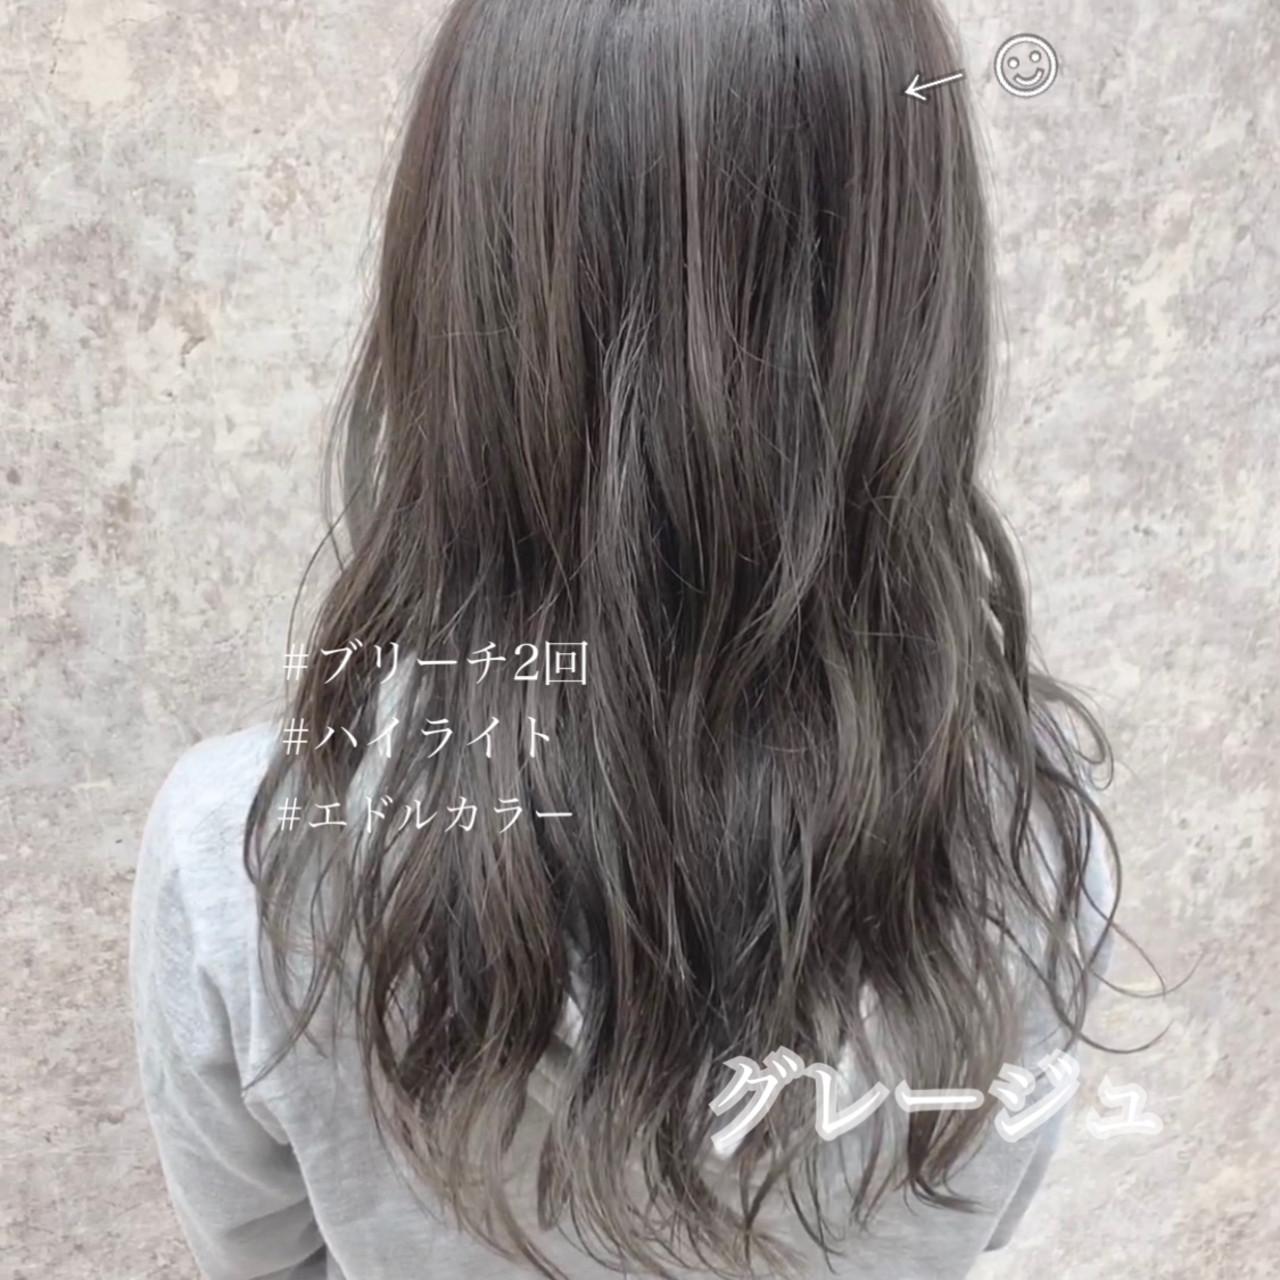 グレージュ ハイトーンカラー フェミニン ロング ヘアスタイルや髪型の写真・画像